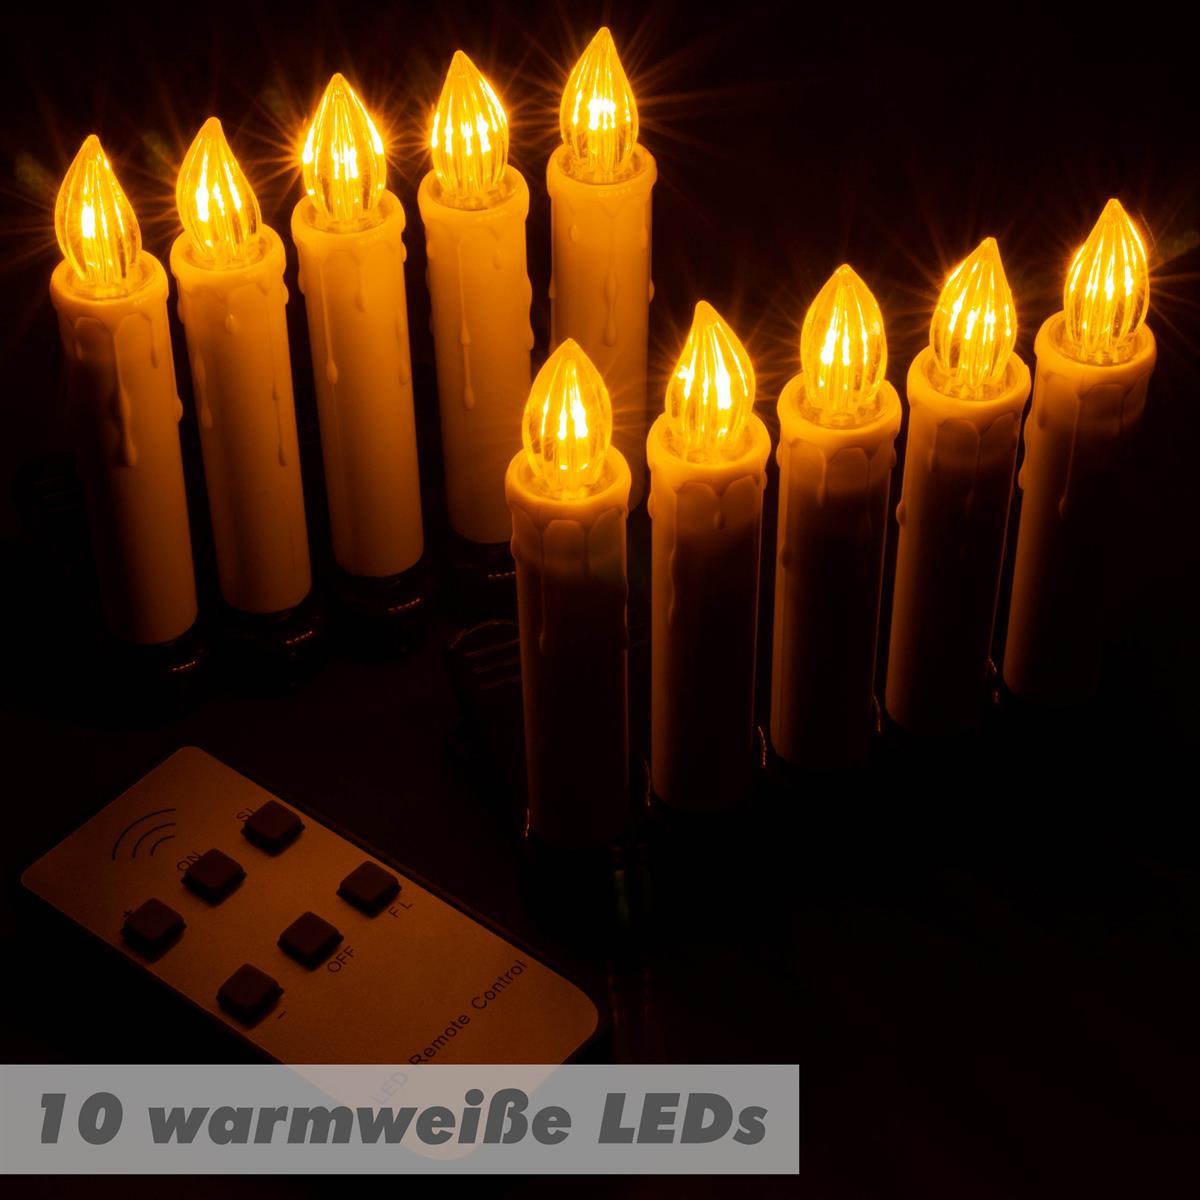 Kabellose Weihnachtsbeleuchtung Innen.Baumbeleuchtung Kabellose Christbaumkerzen 10 Led Warmweiß